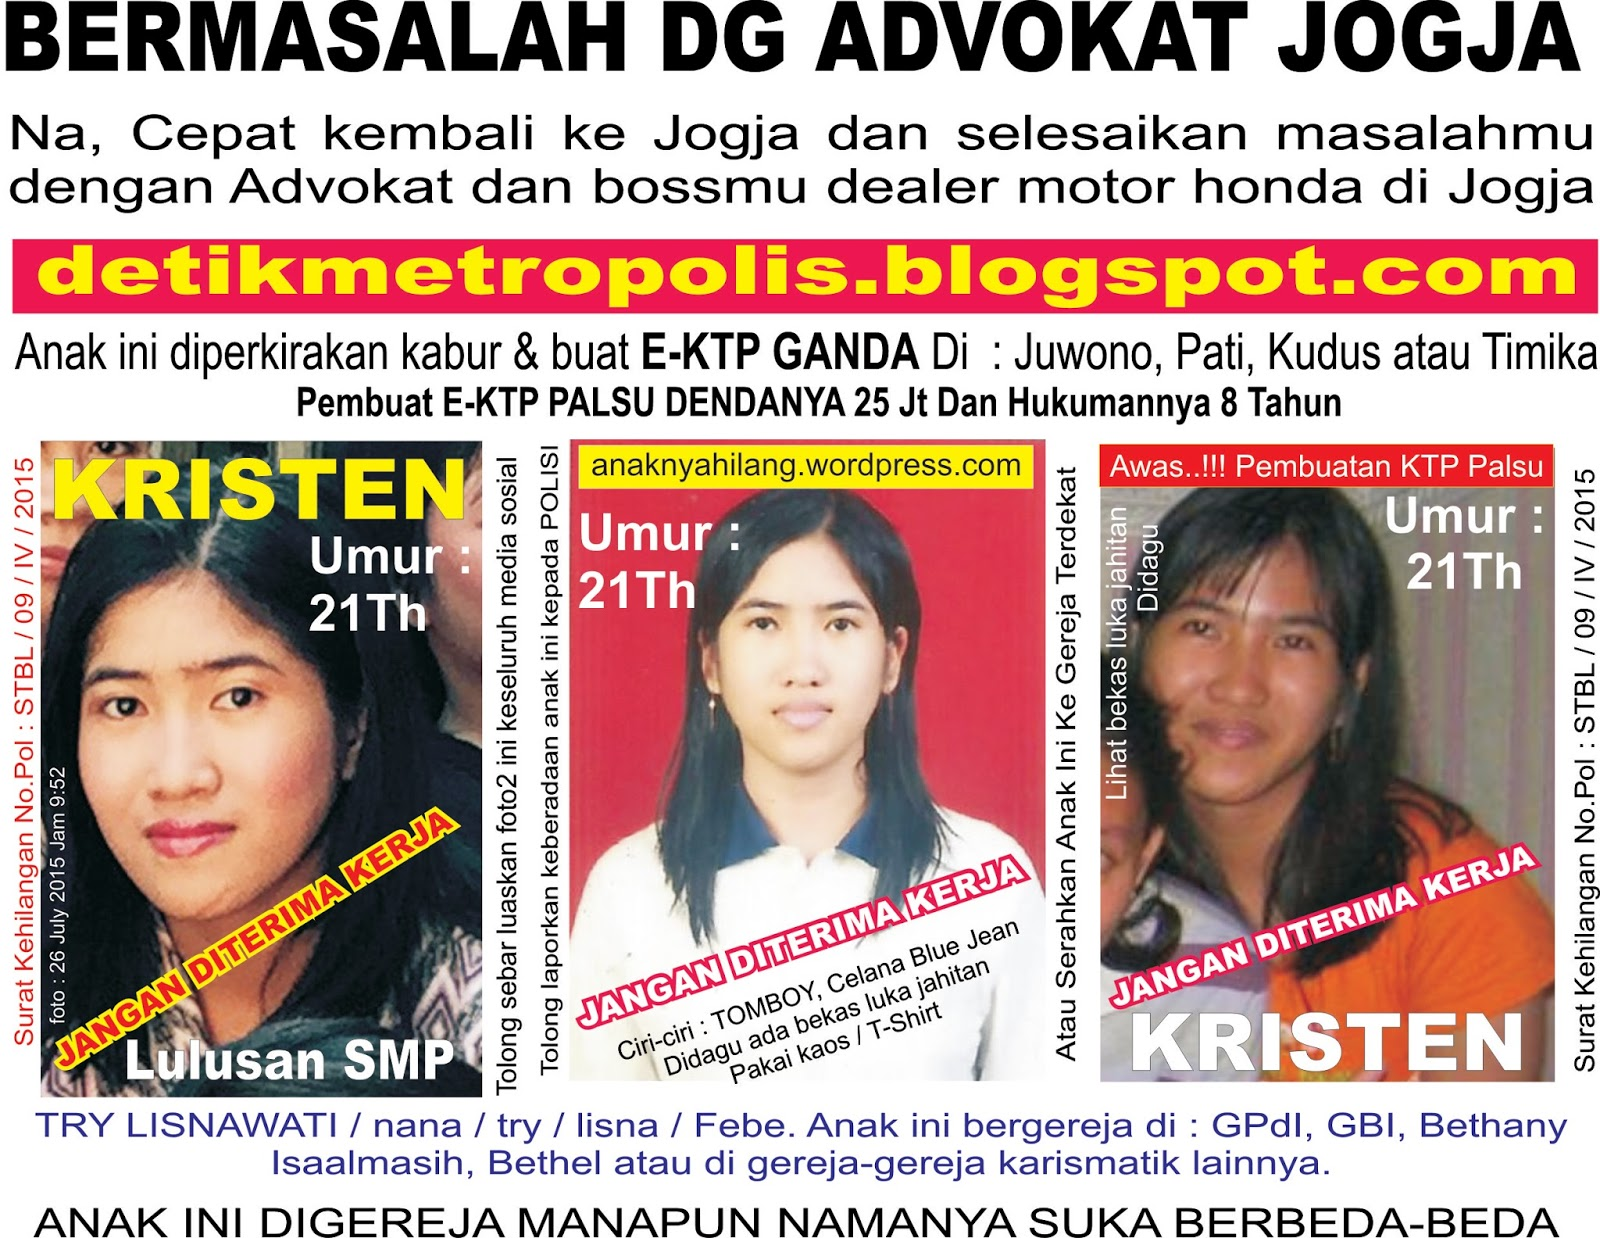 8 Alasan Mengapa Anda Harus Ikuti Program Penurunan Berat Badan Dari LightHOUSE Indonesia